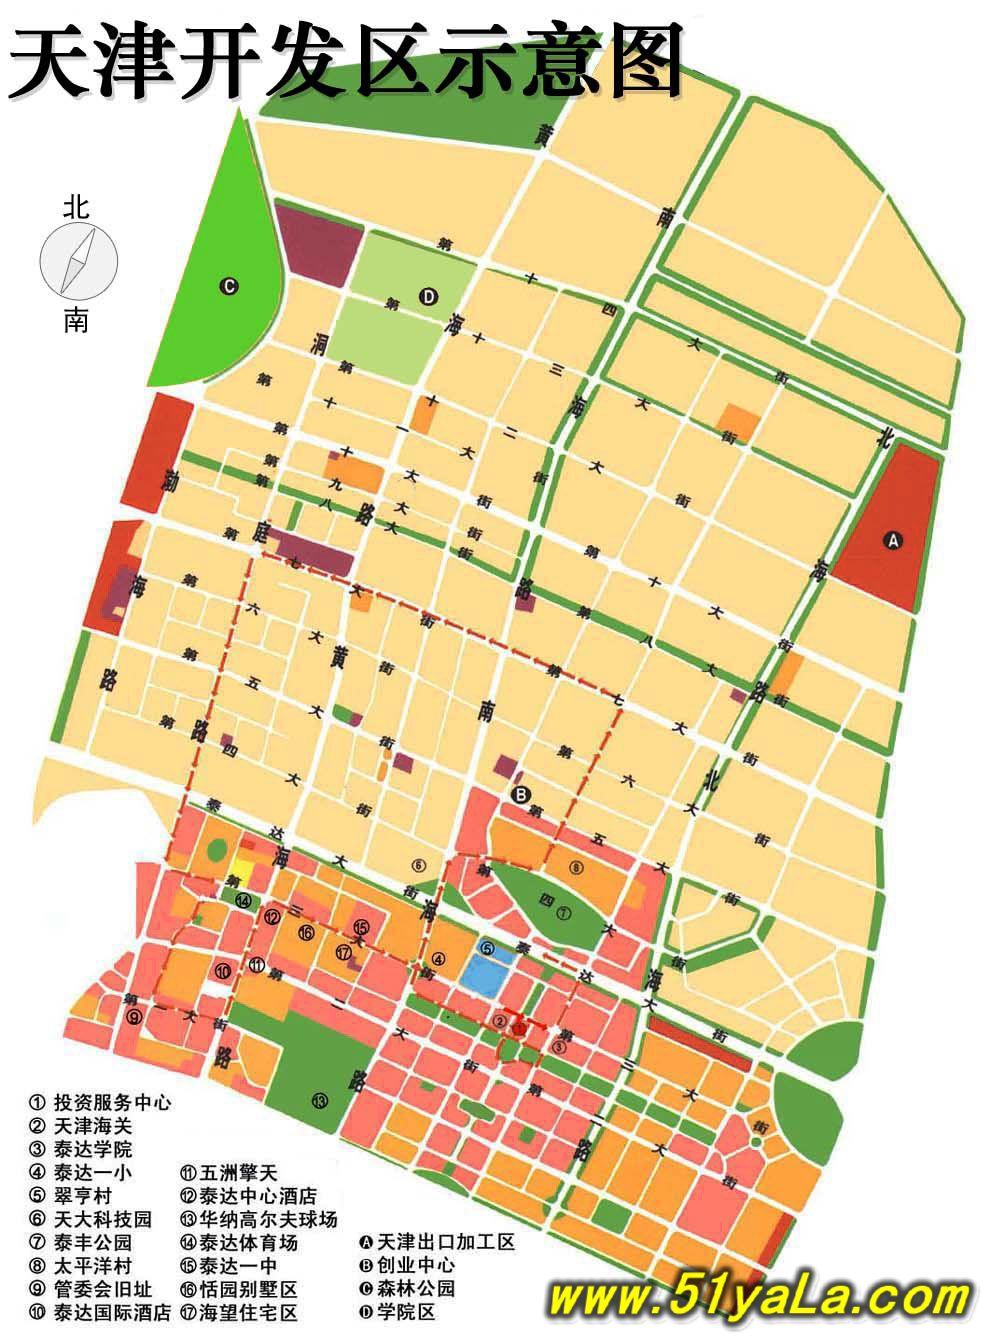 天津旅游地图图片